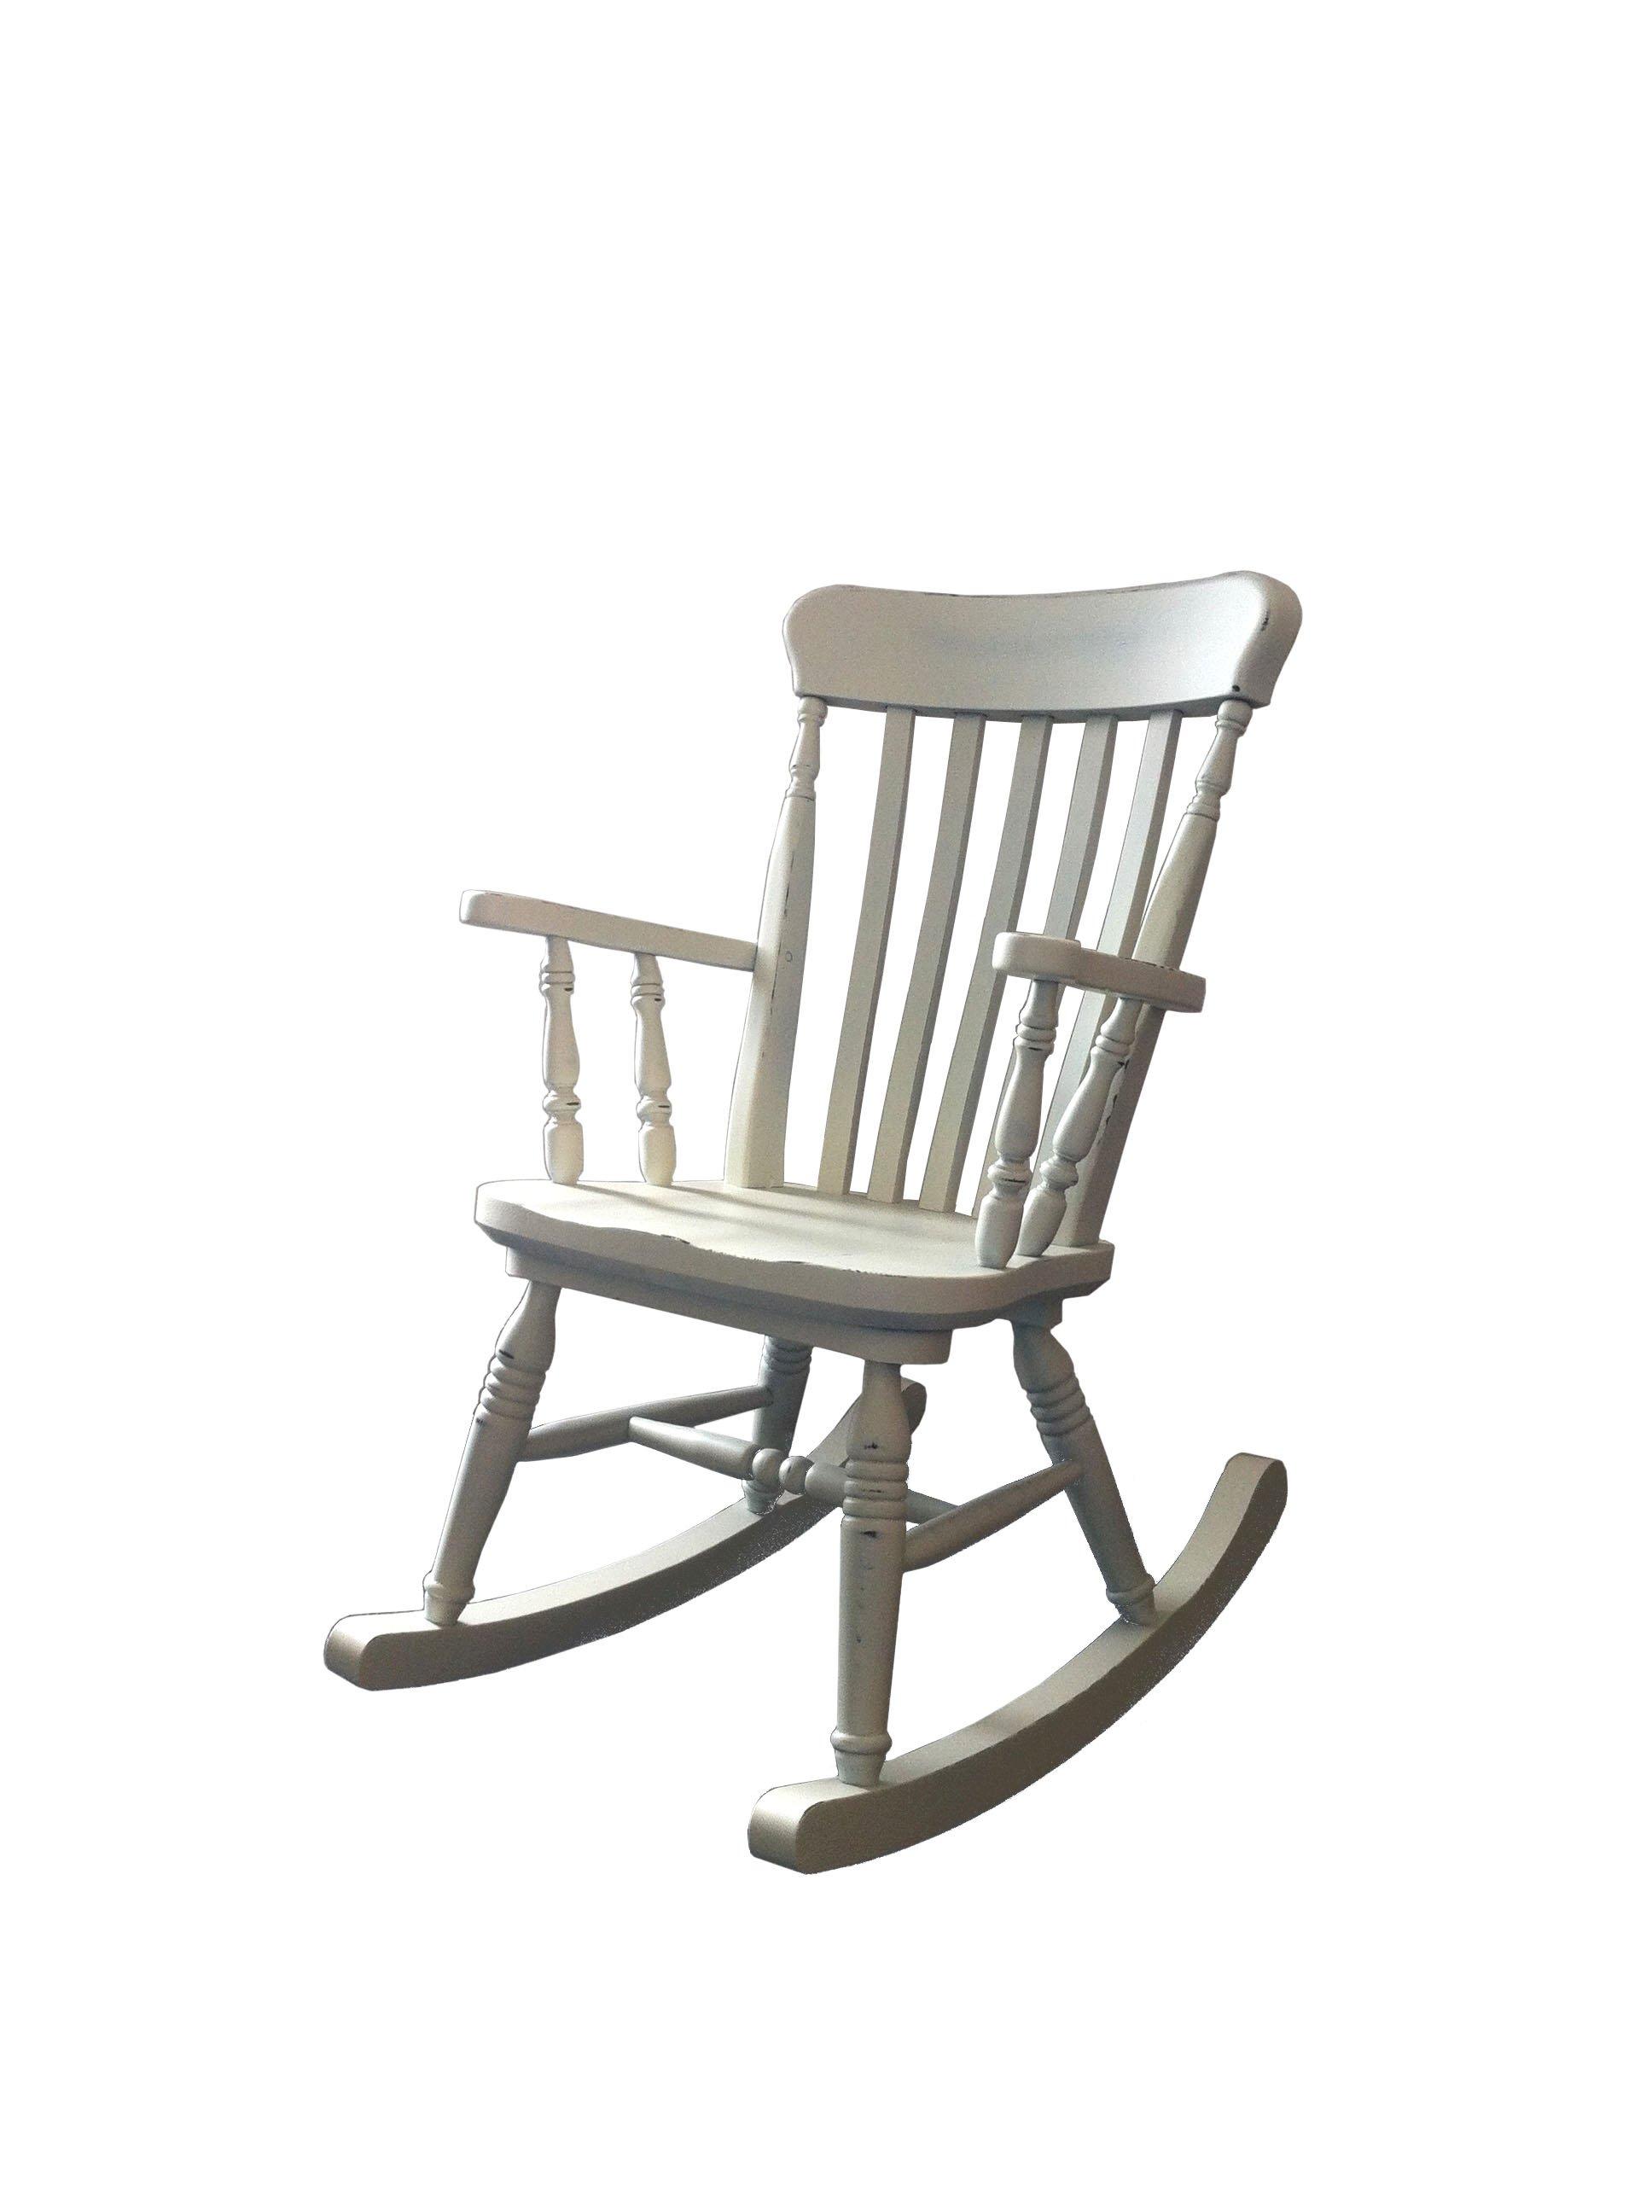 sedia a dondolo rustica in legno rustico country cucina